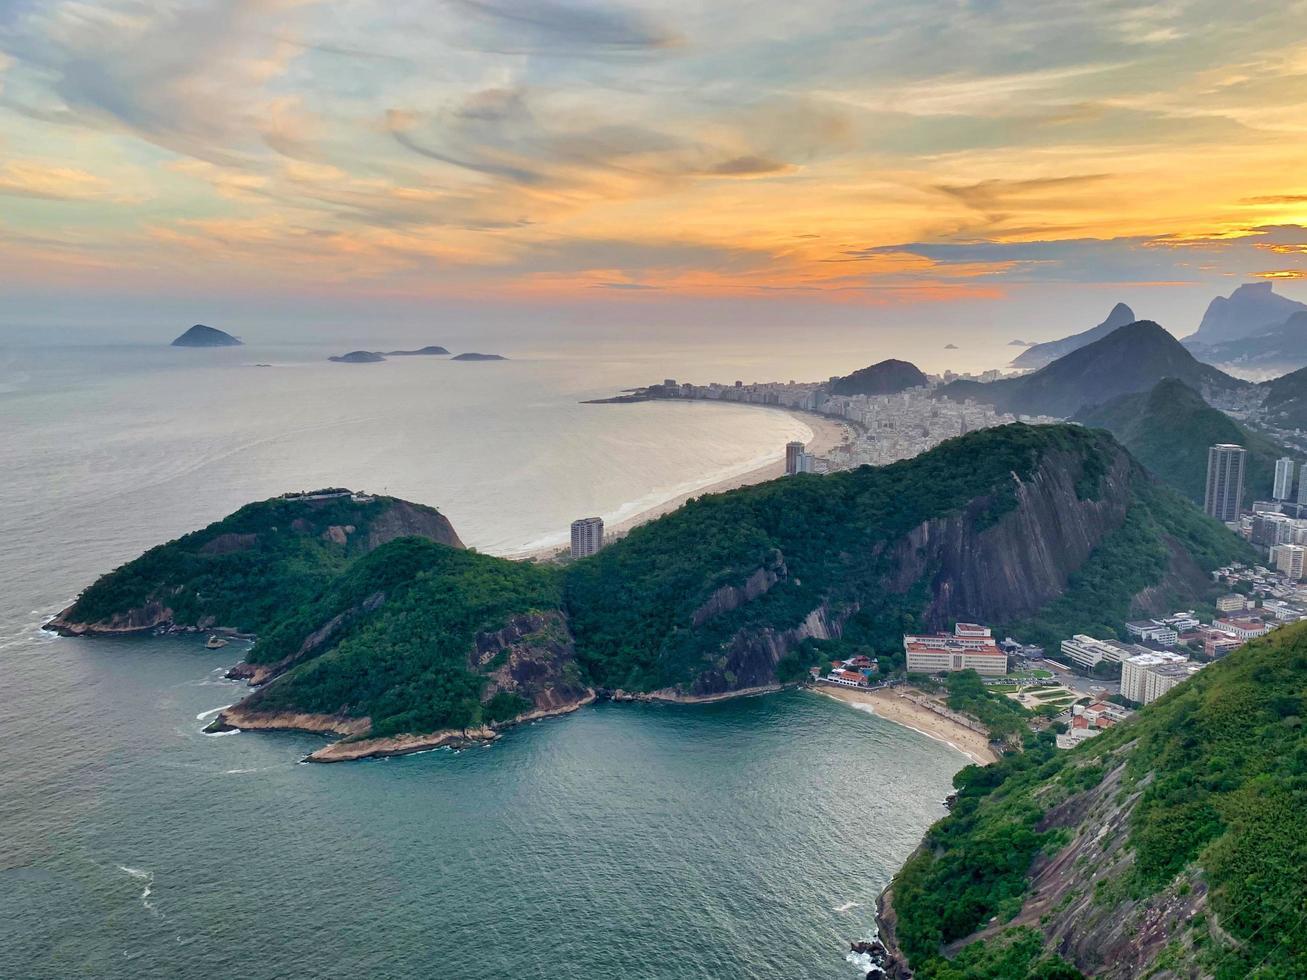 Sunset over the ocean at Rio de Janeiro photo